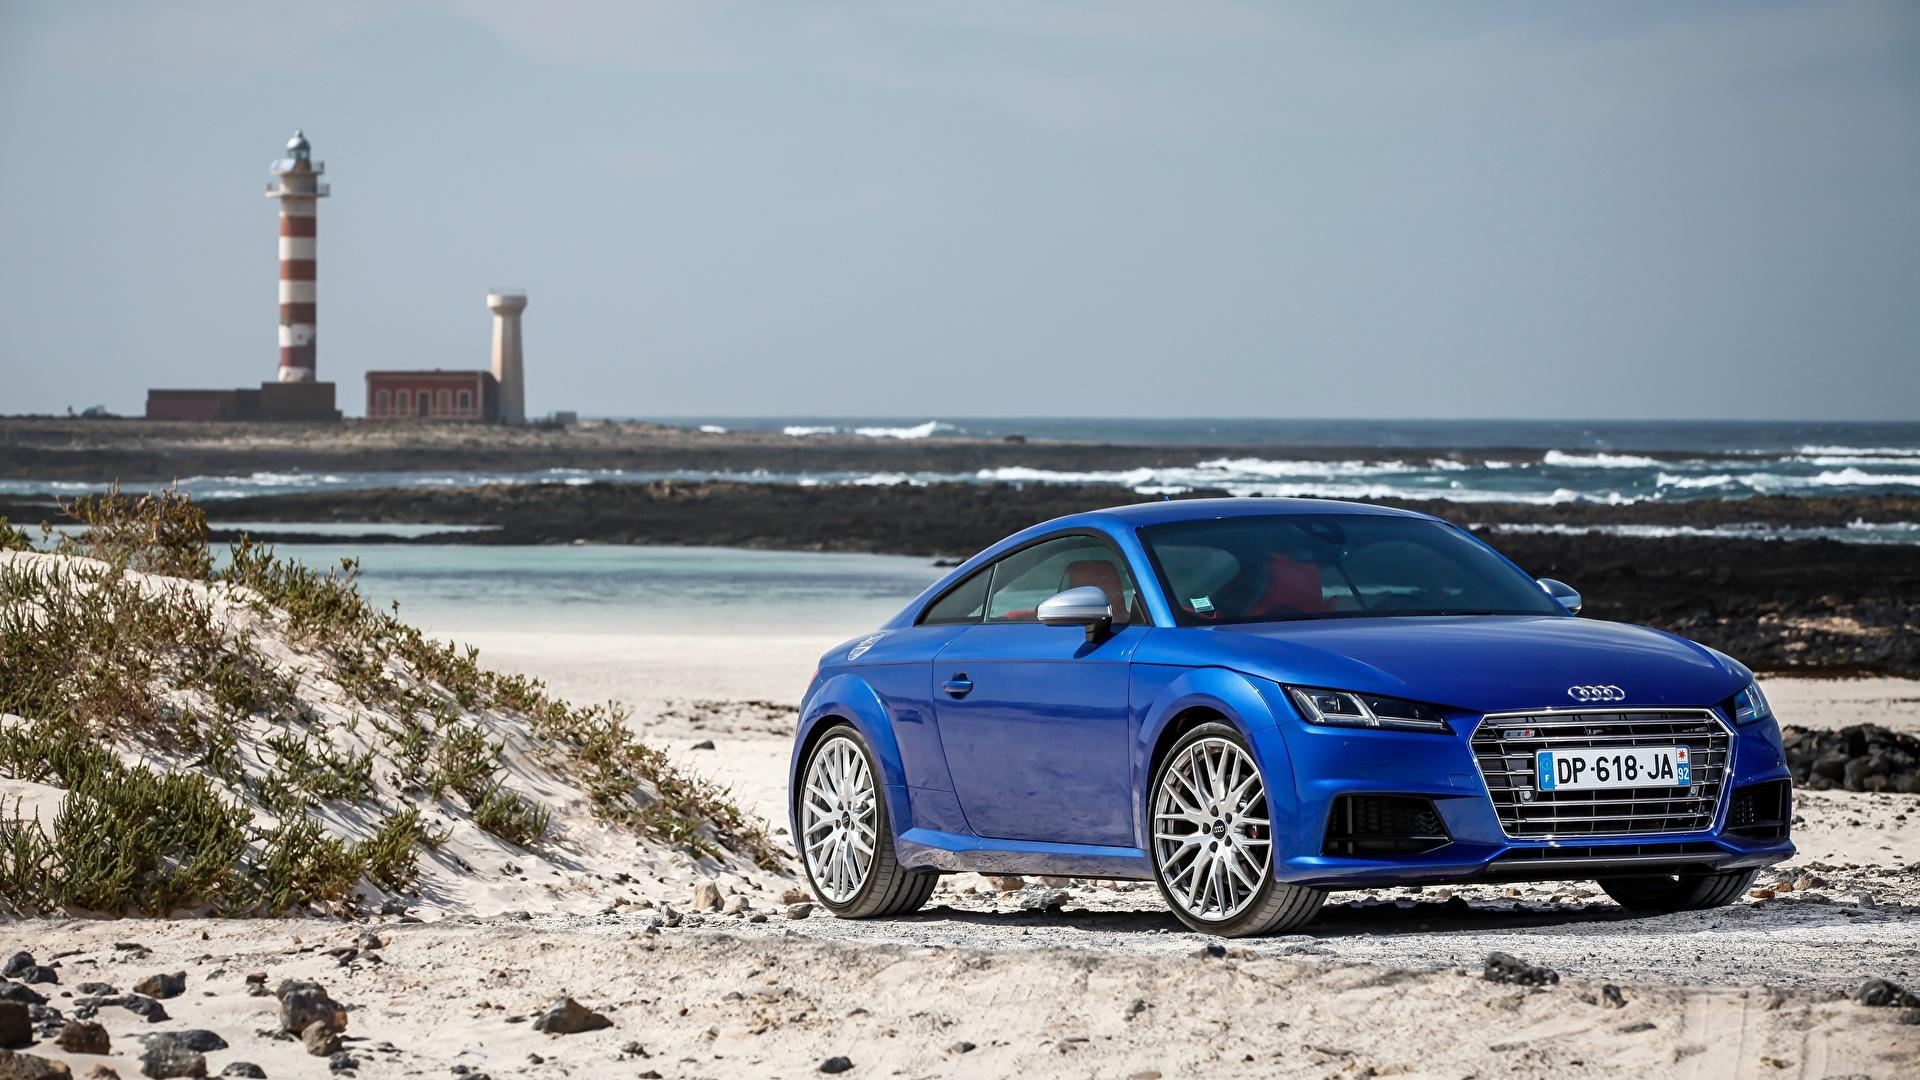 Синий автомобиль на берегу подборки